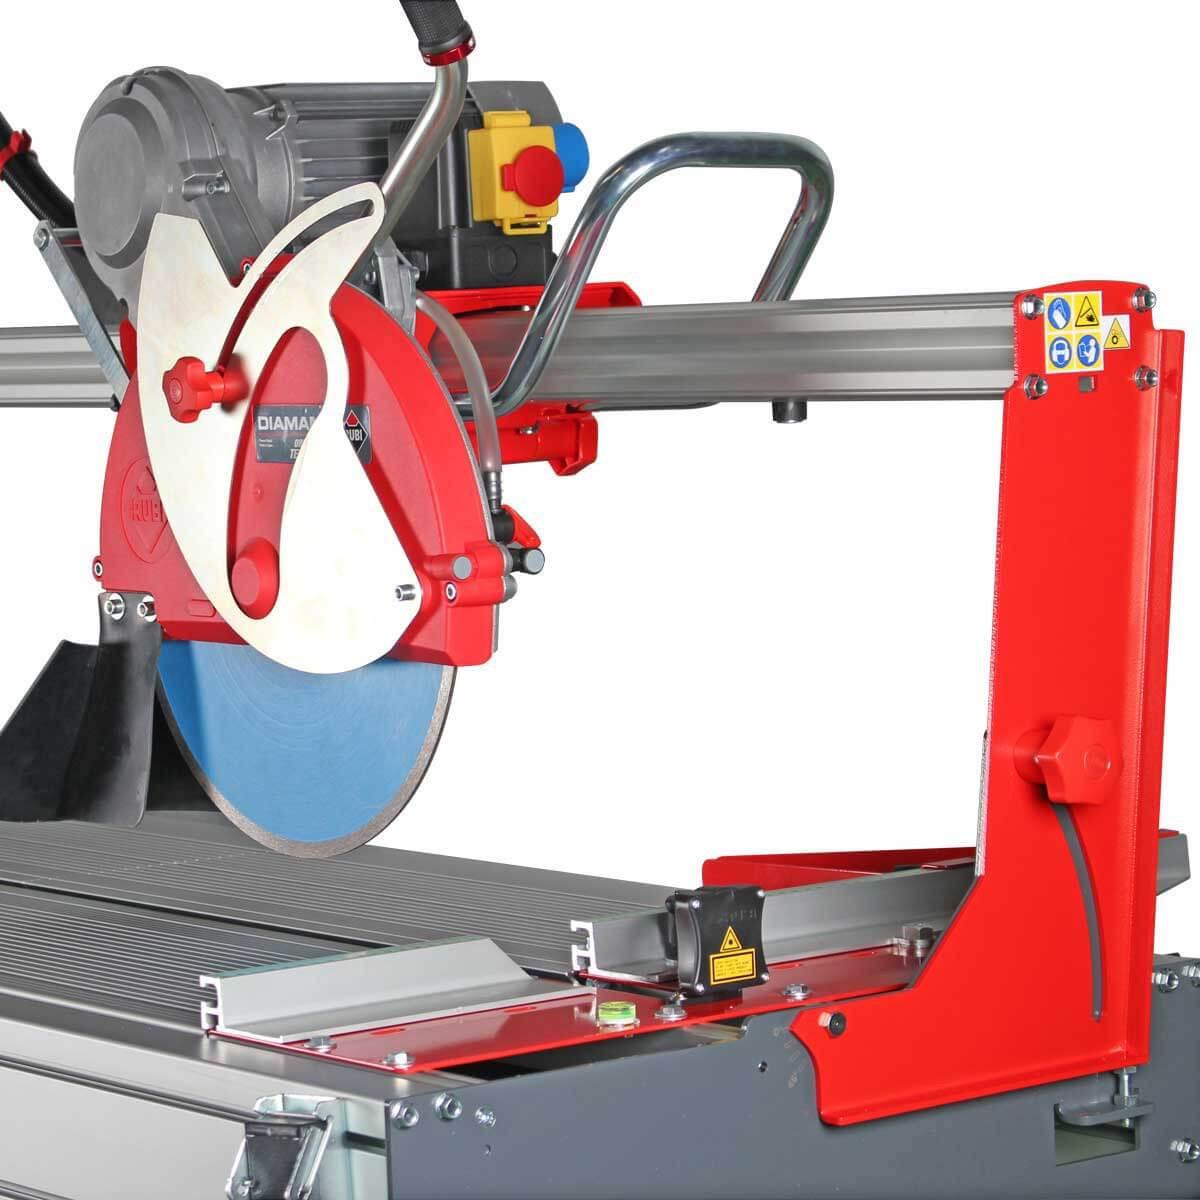 Rubi DX350 rail saw